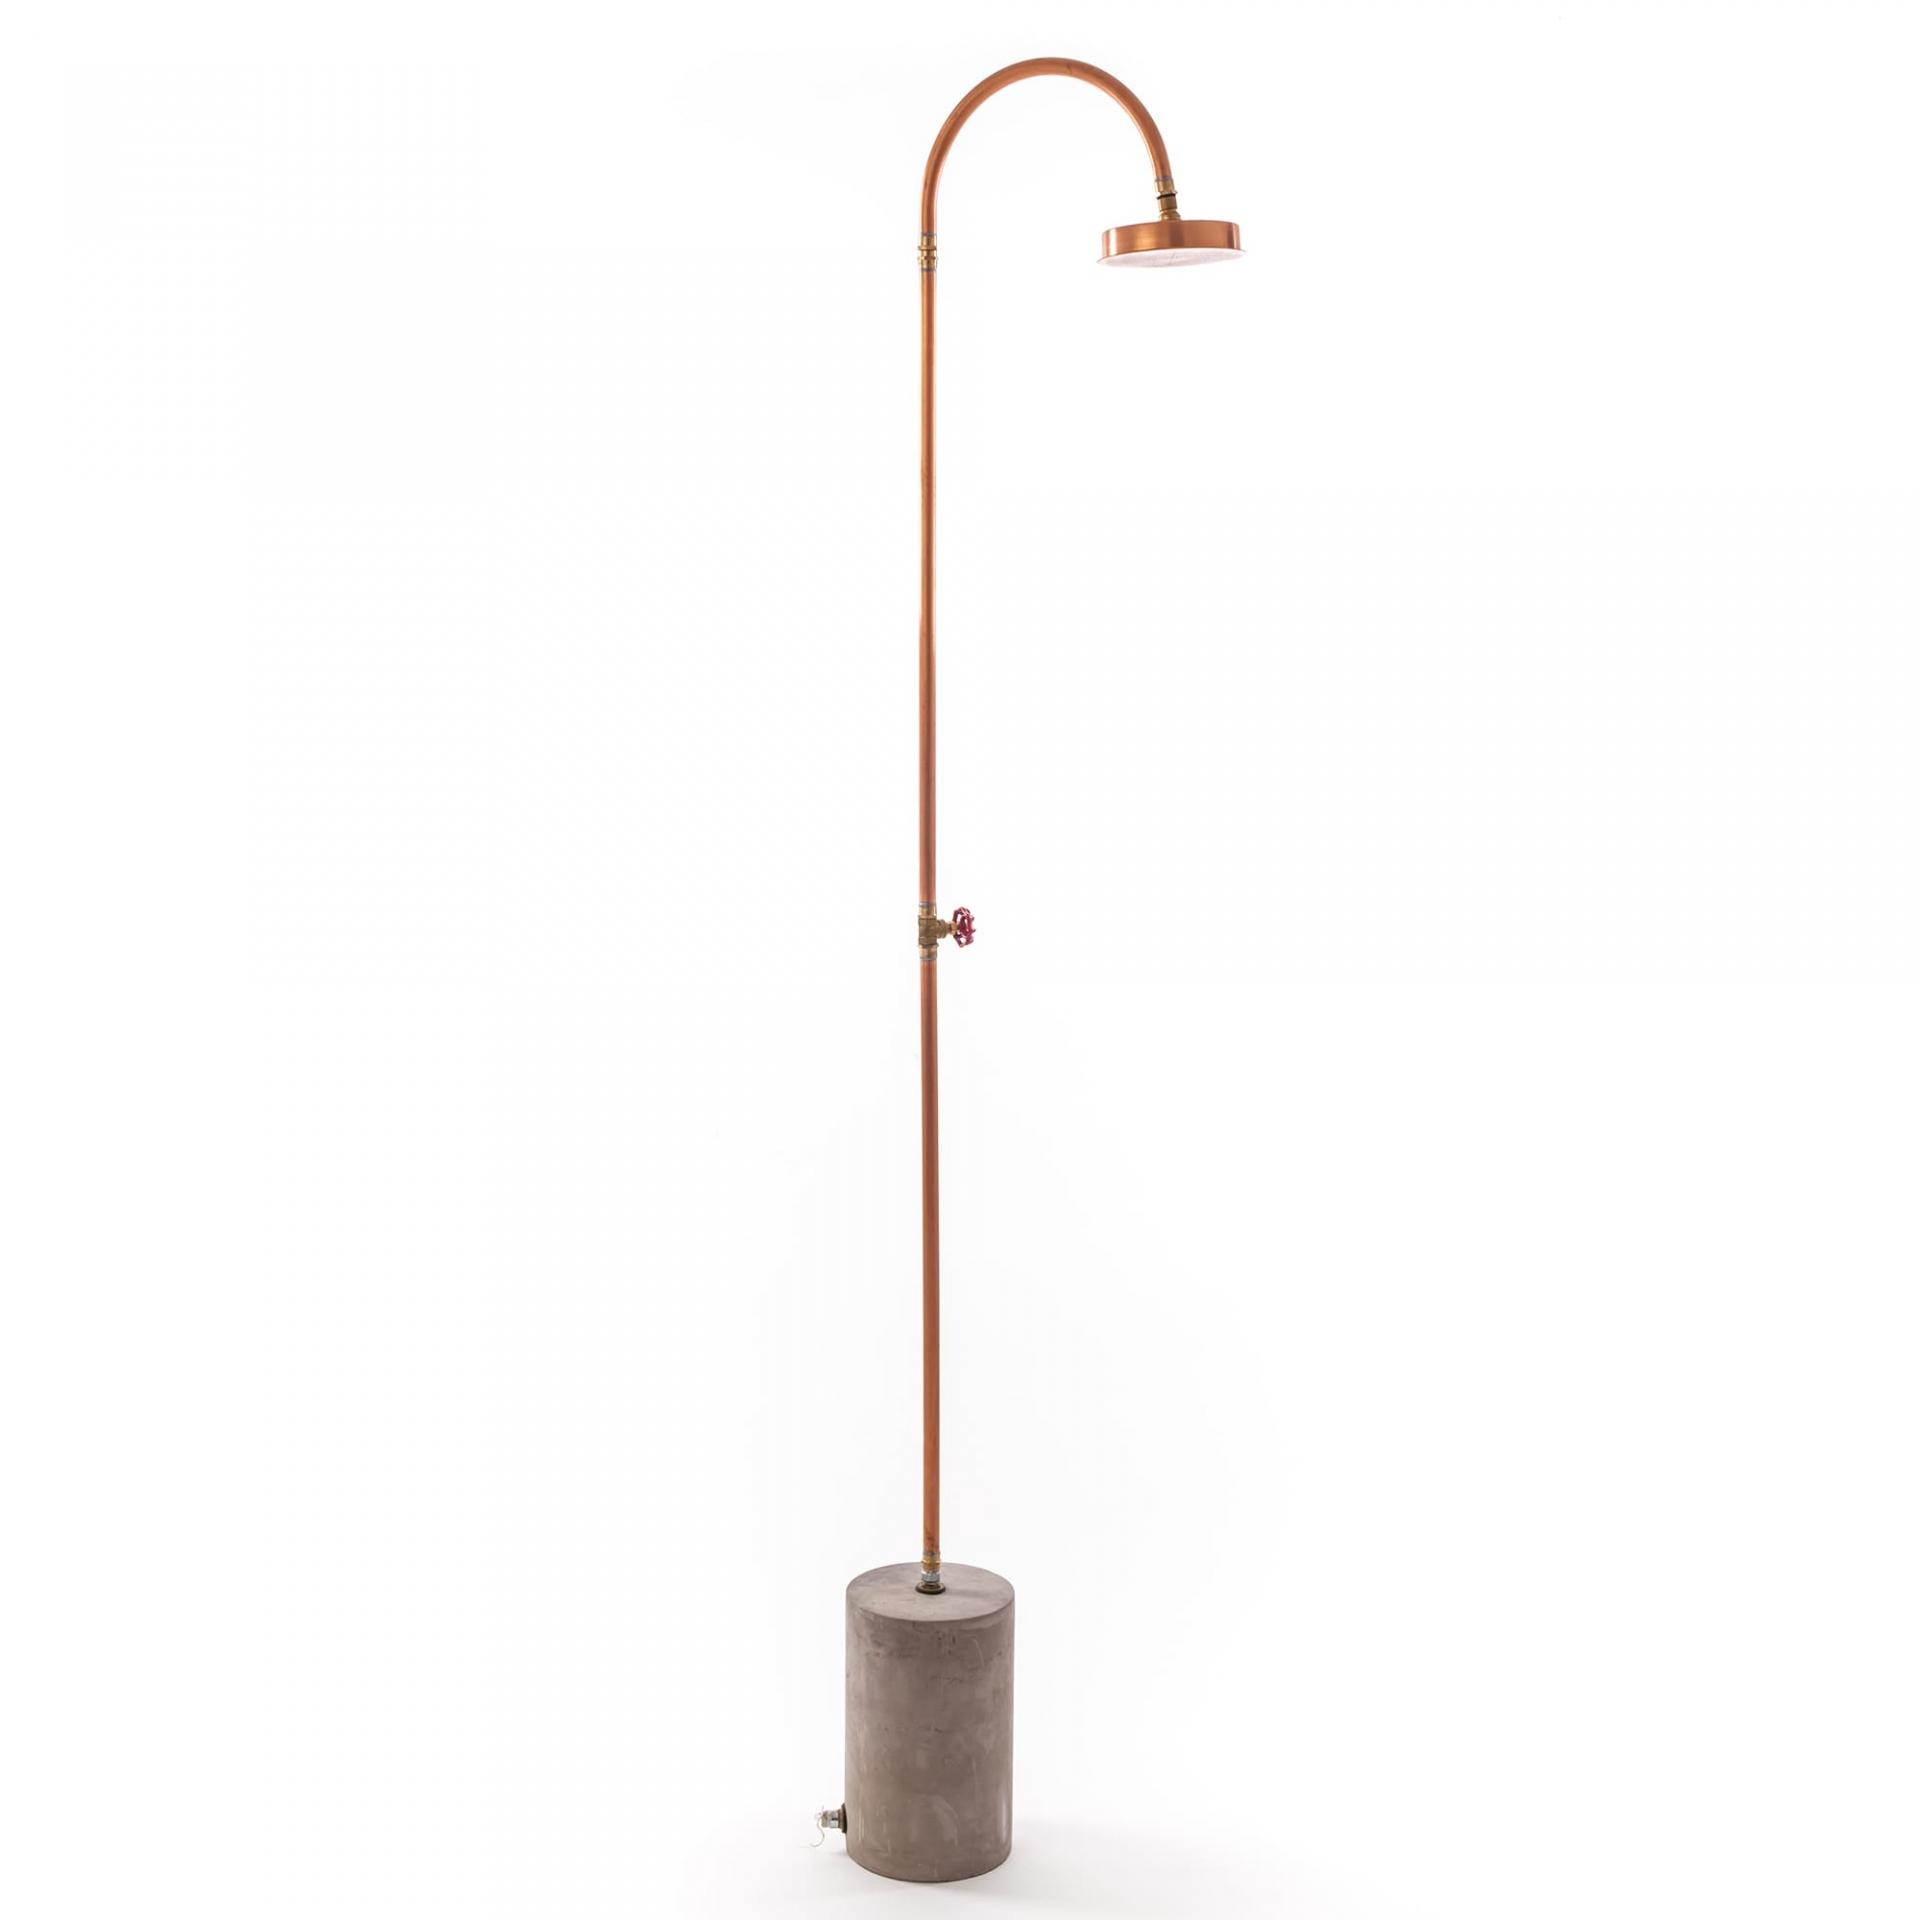 Seletti designové stojací sprchy Aquart